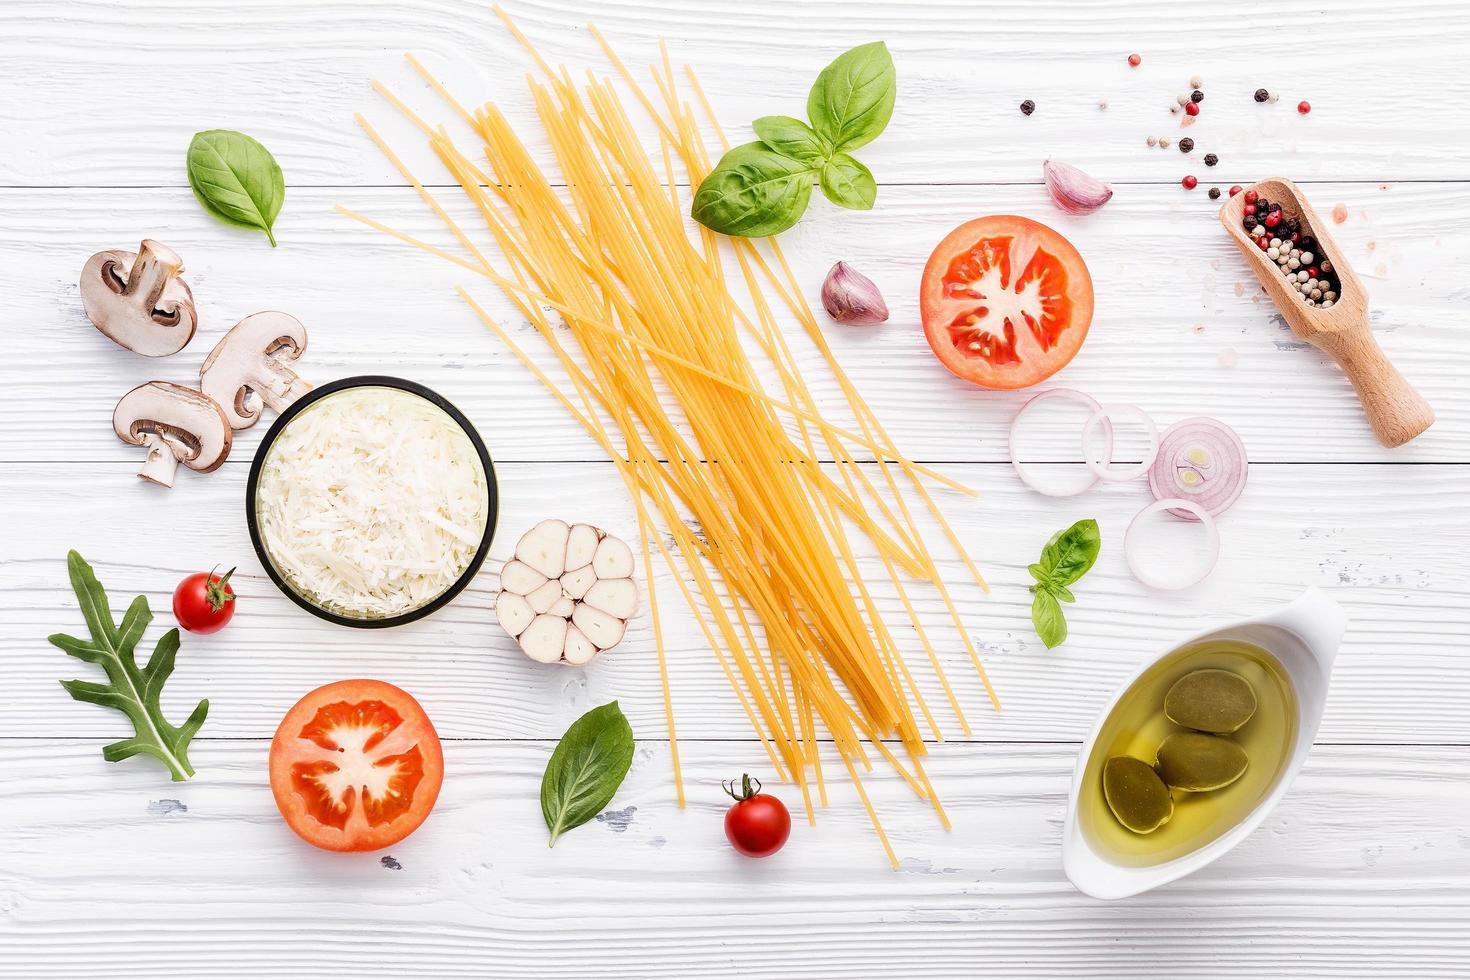 Fresh spaghetti ingredients photo